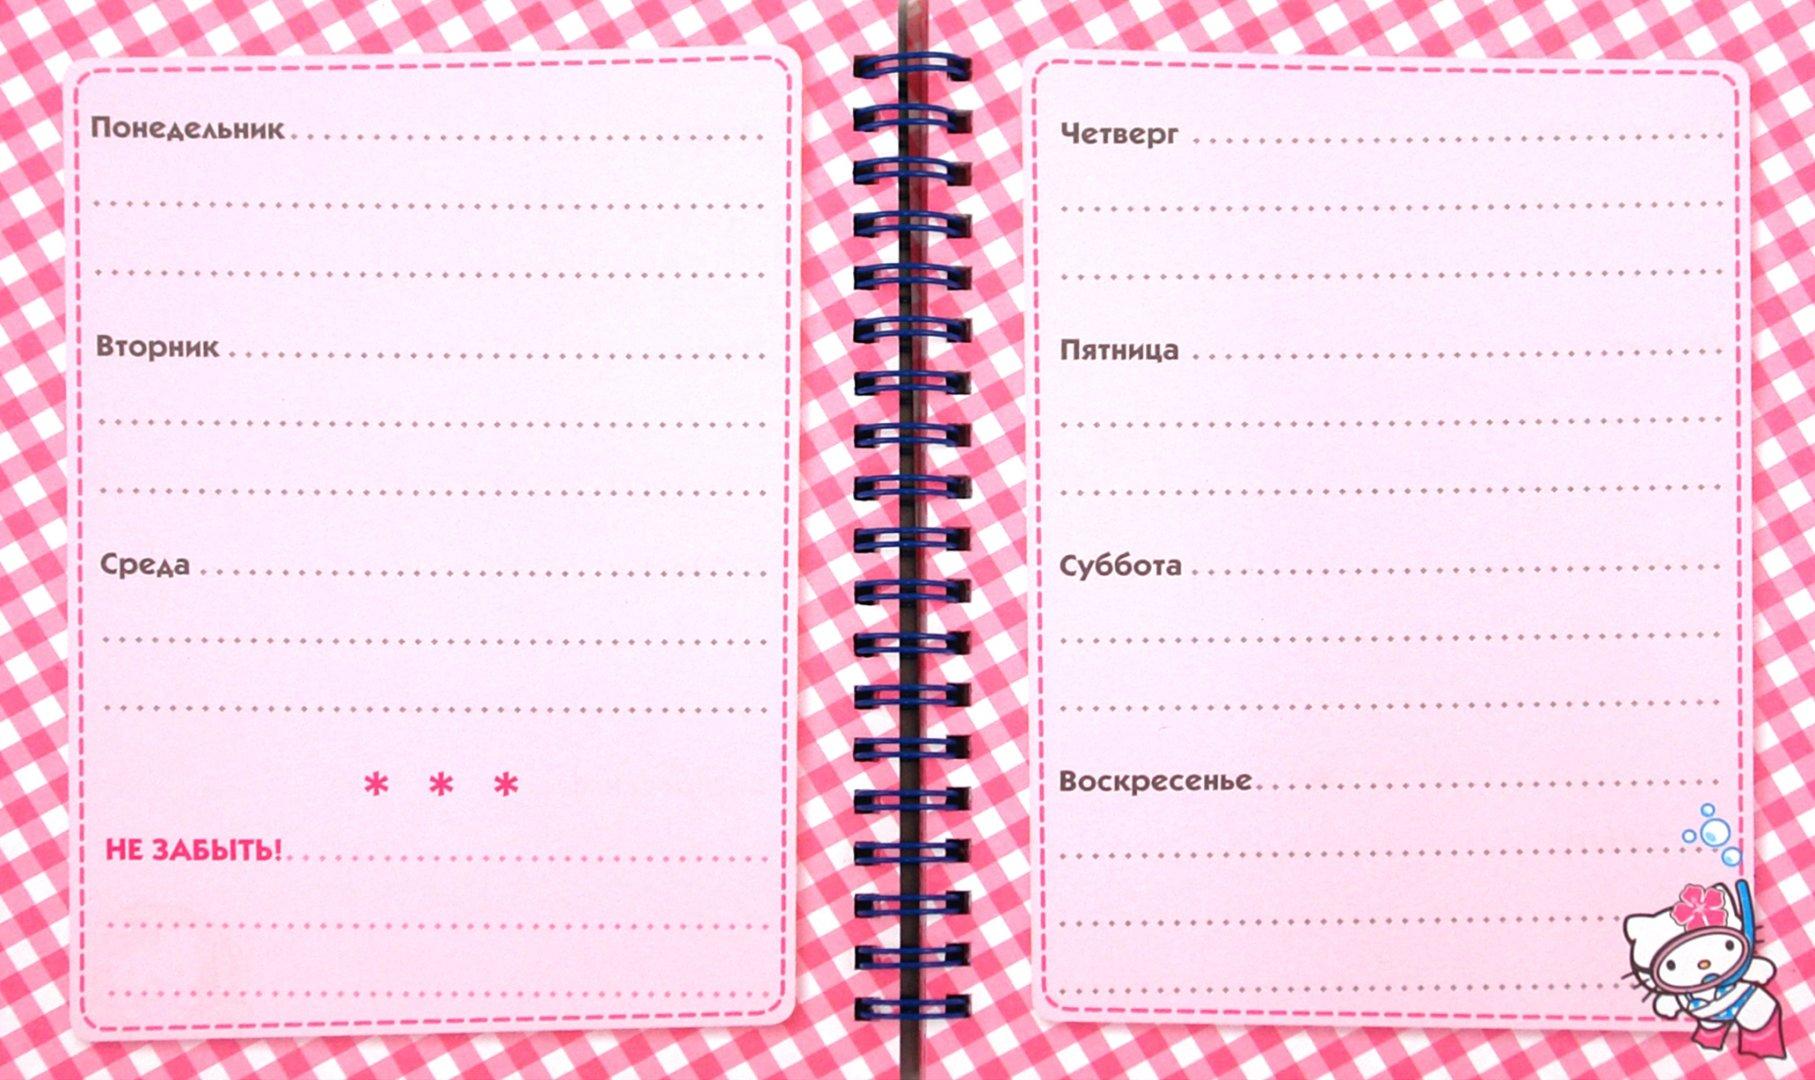 странички для дневника картинки